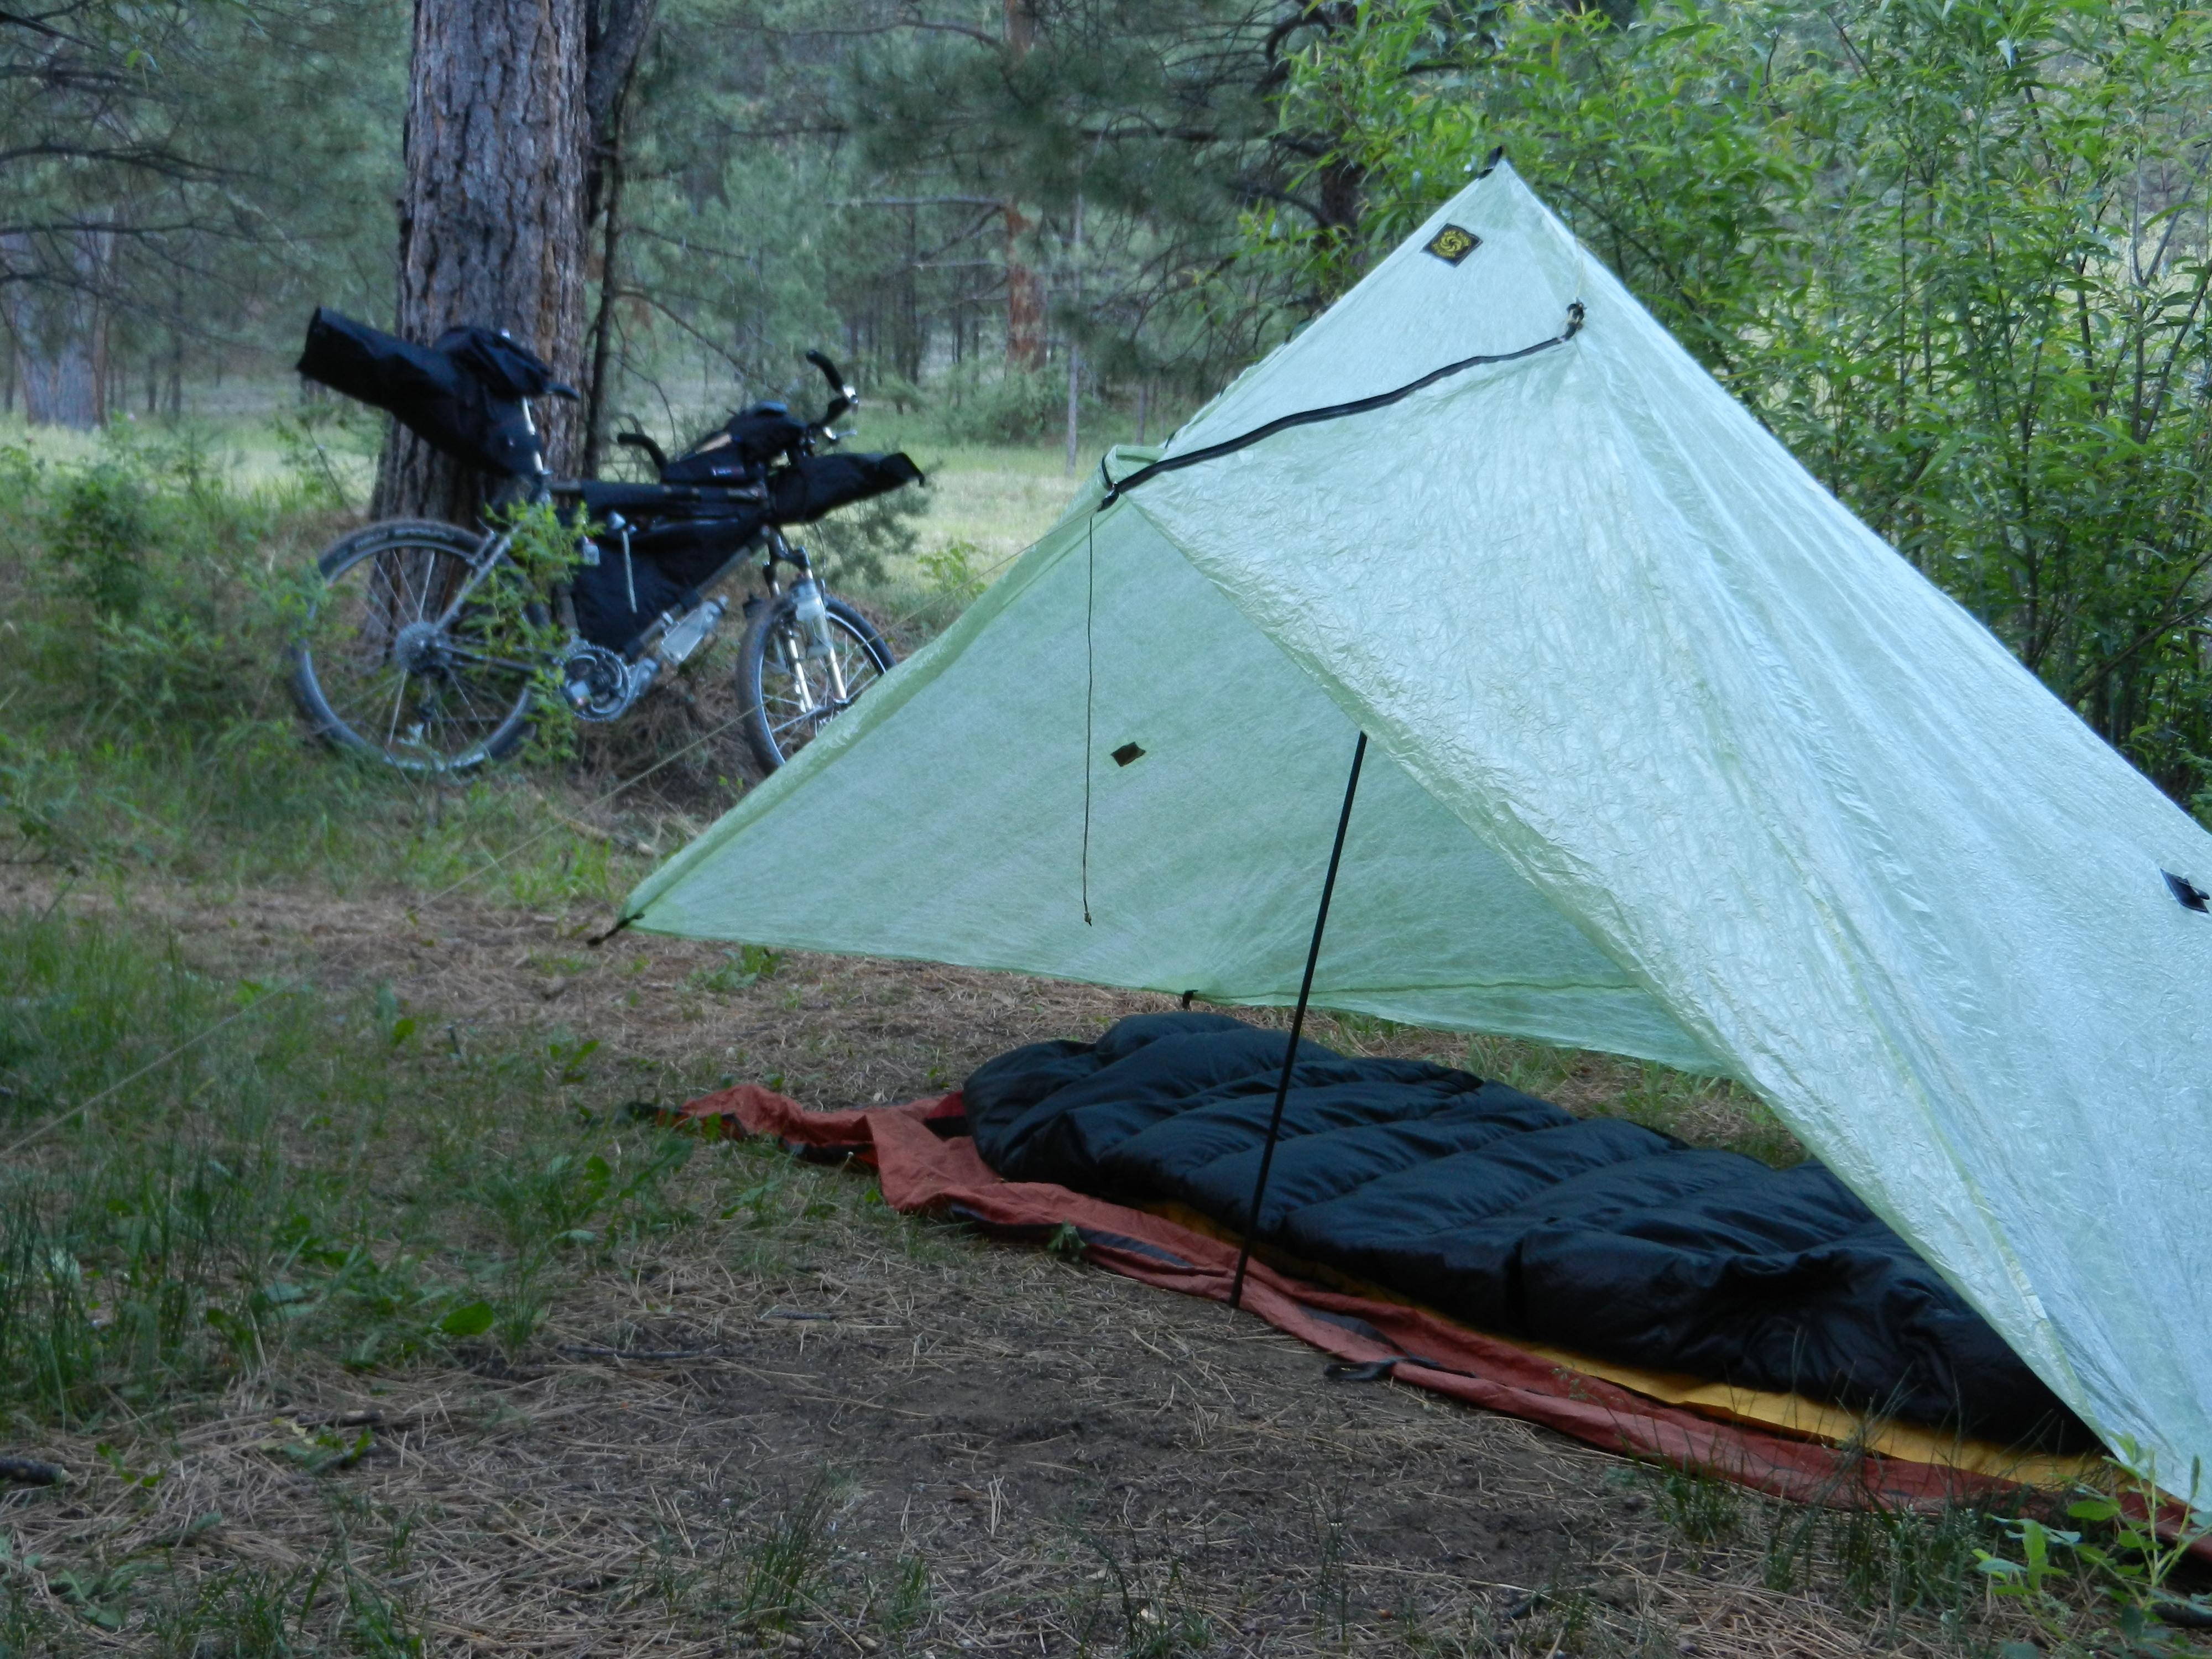 Overnighter + tent 007 & bikepacking.net u003e Shelters u003e Six Moon u201cDeschutesu201d Cuben Fiber Tarp ...